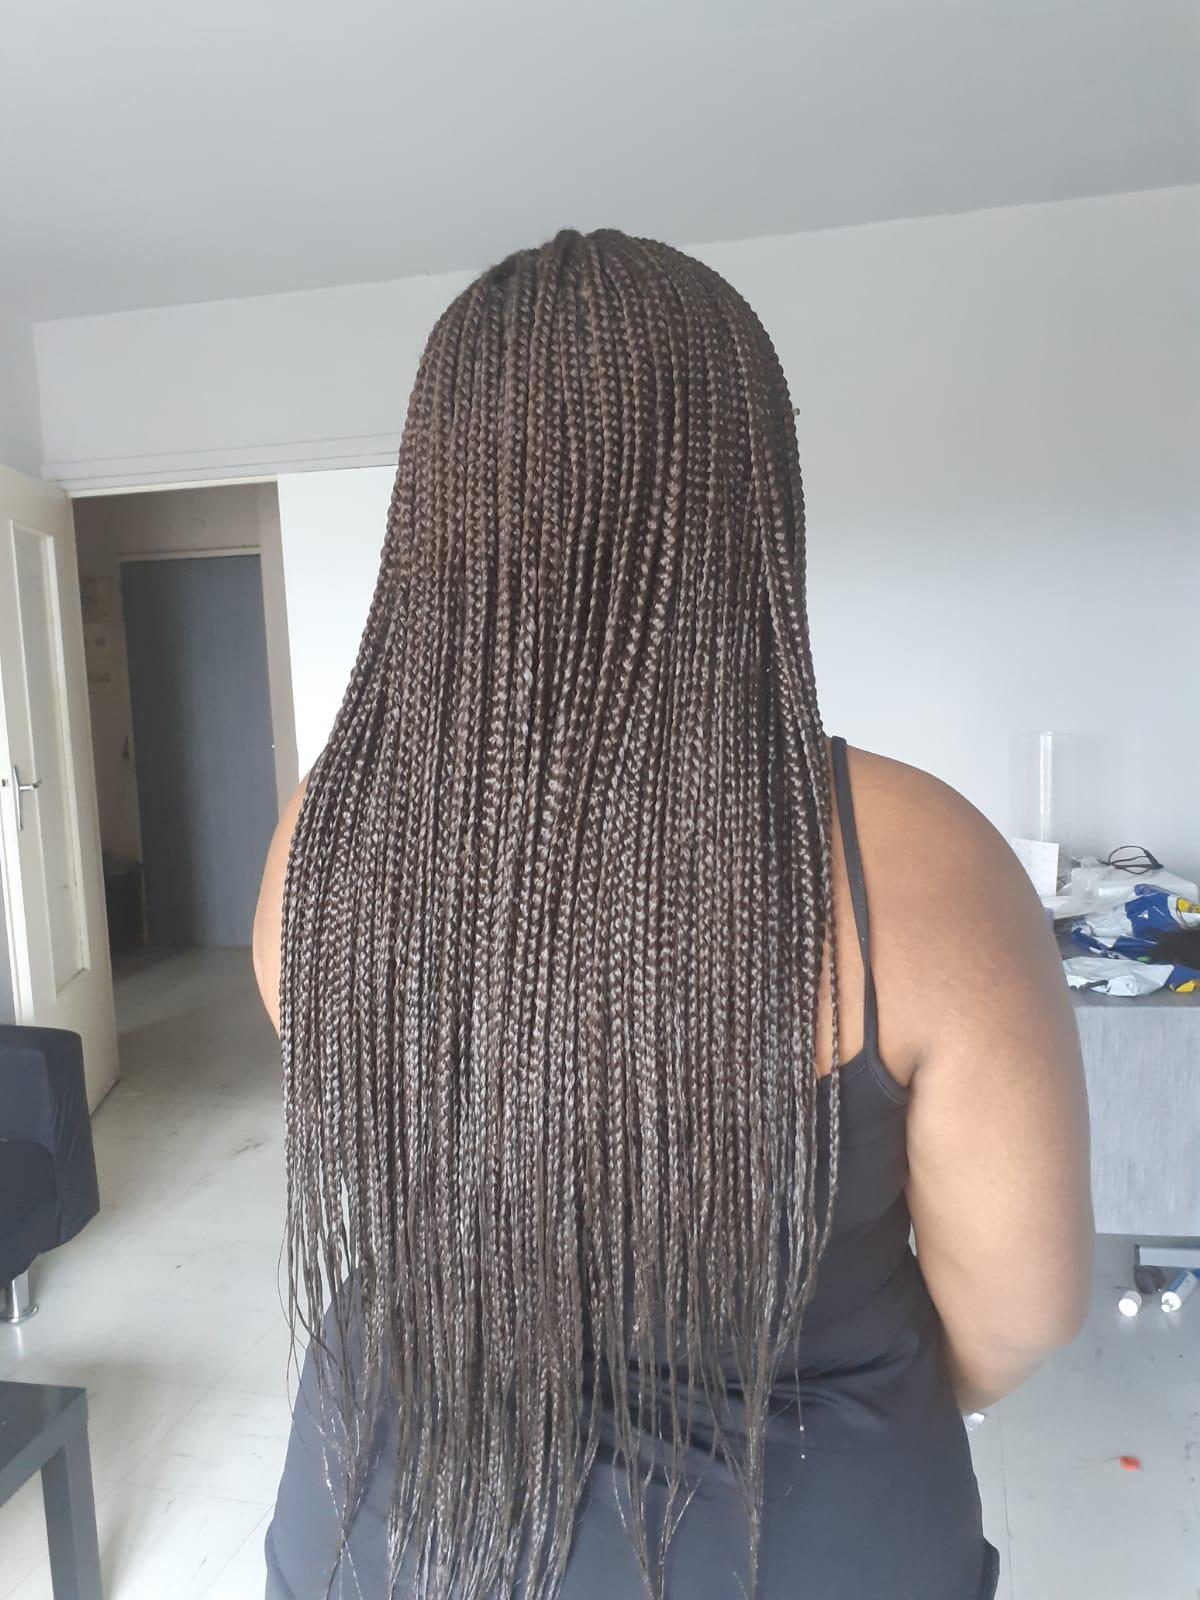 salon de coiffure afro tresse tresses box braids crochet braids vanilles tissages paris 75 77 78 91 92 93 94 95 HWXNBUZC